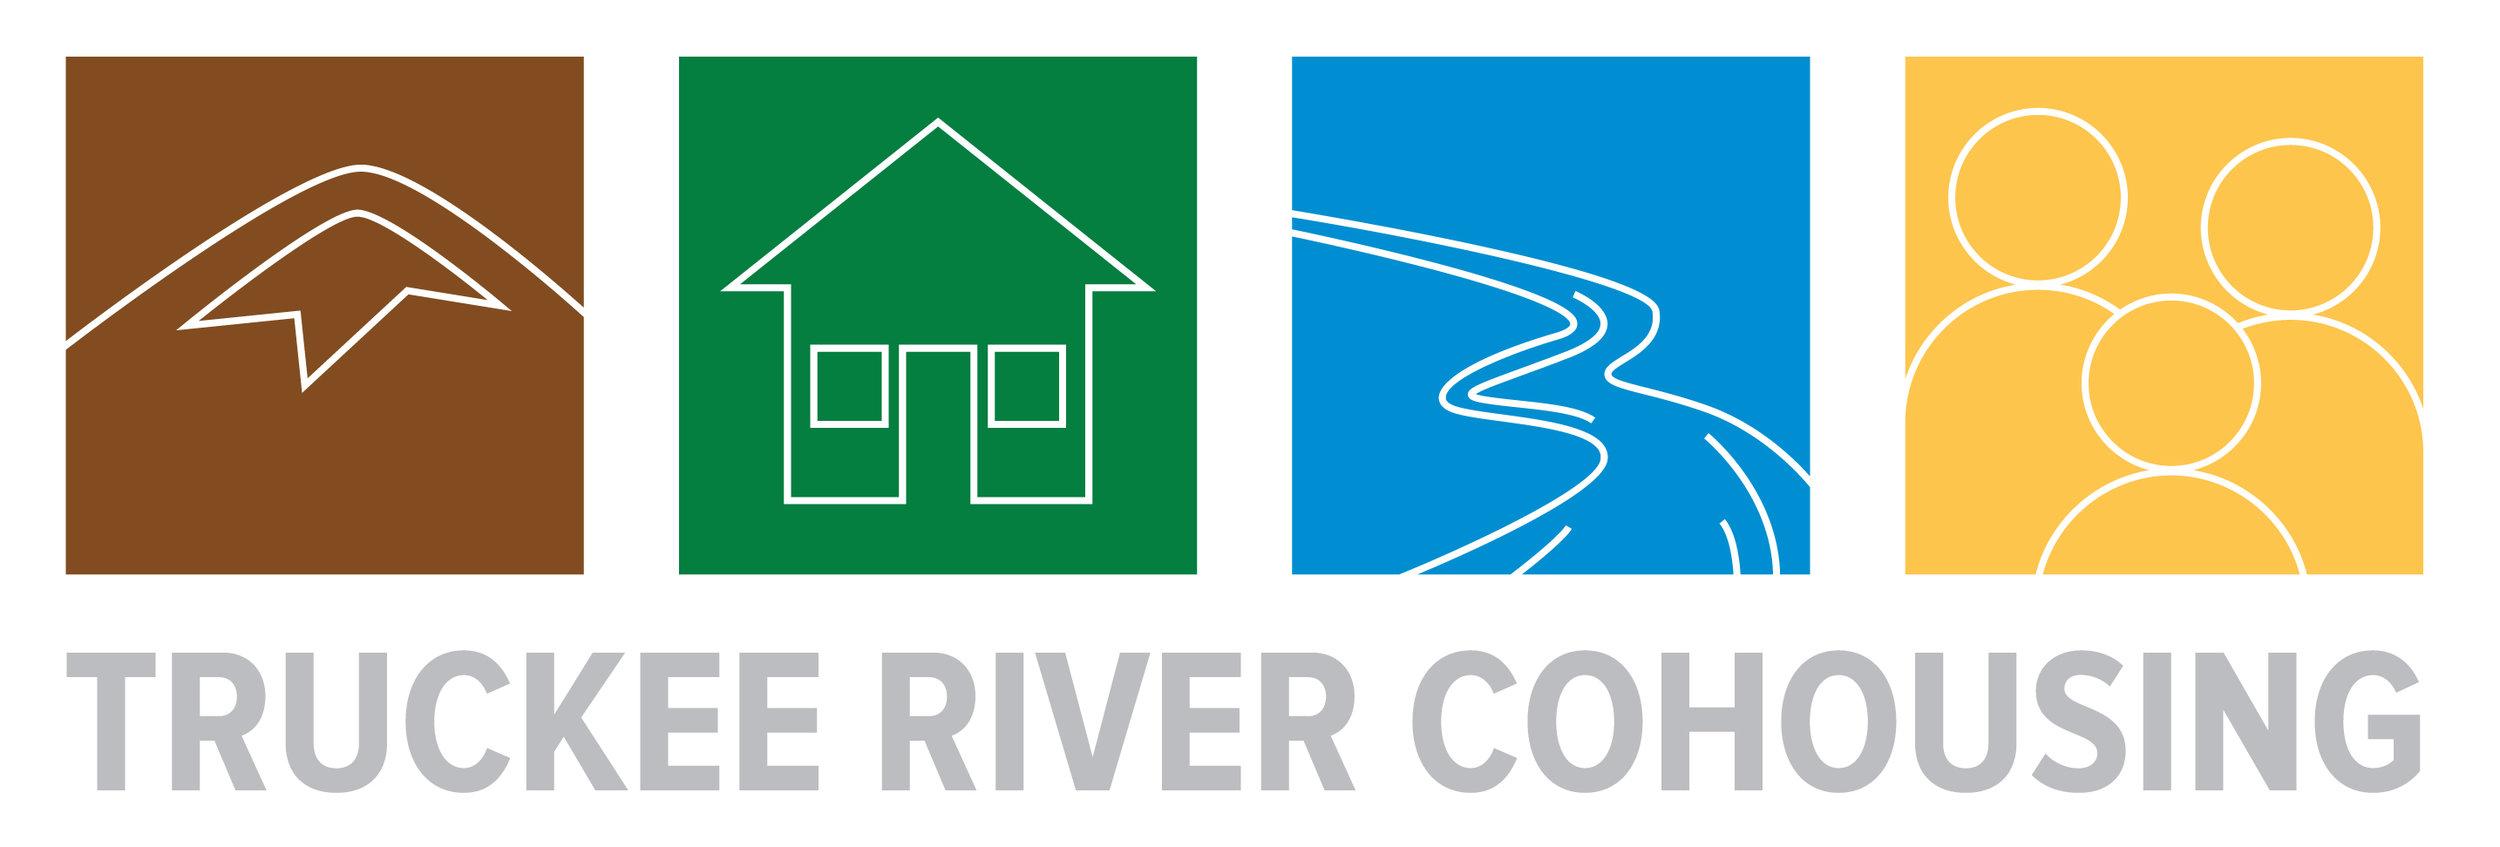 Truckee River Cohousing Logo v4.jpg